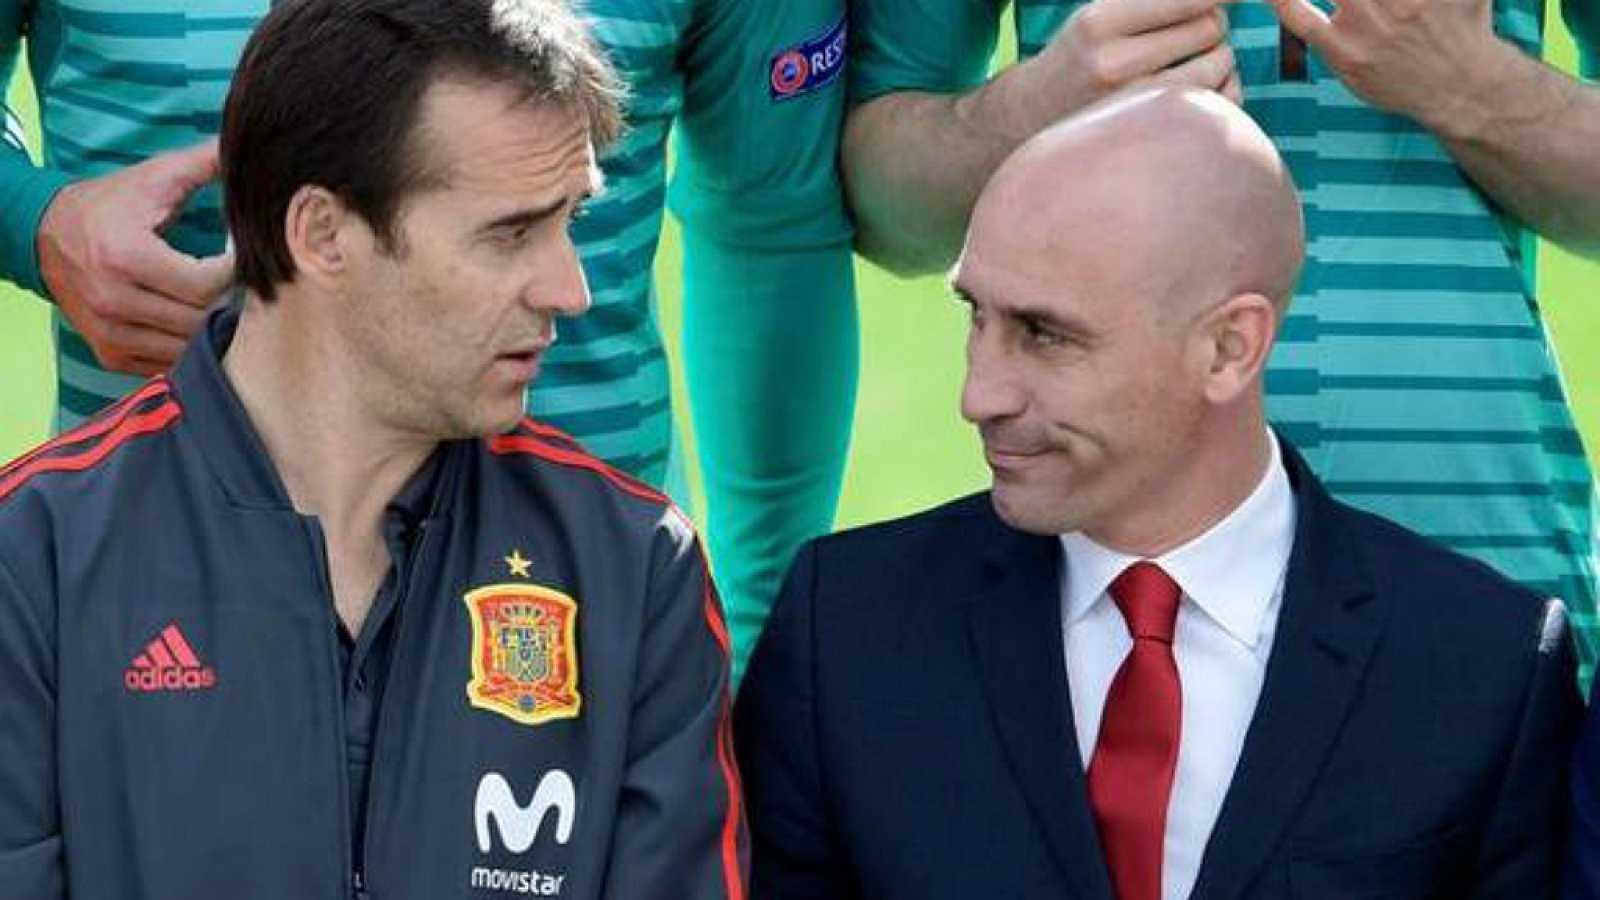 España vuelta y vuelta - Luis Rubiales anuncia en directo la destitución de Julen Lopetegui - 13/06/18 - Escuchar ahora